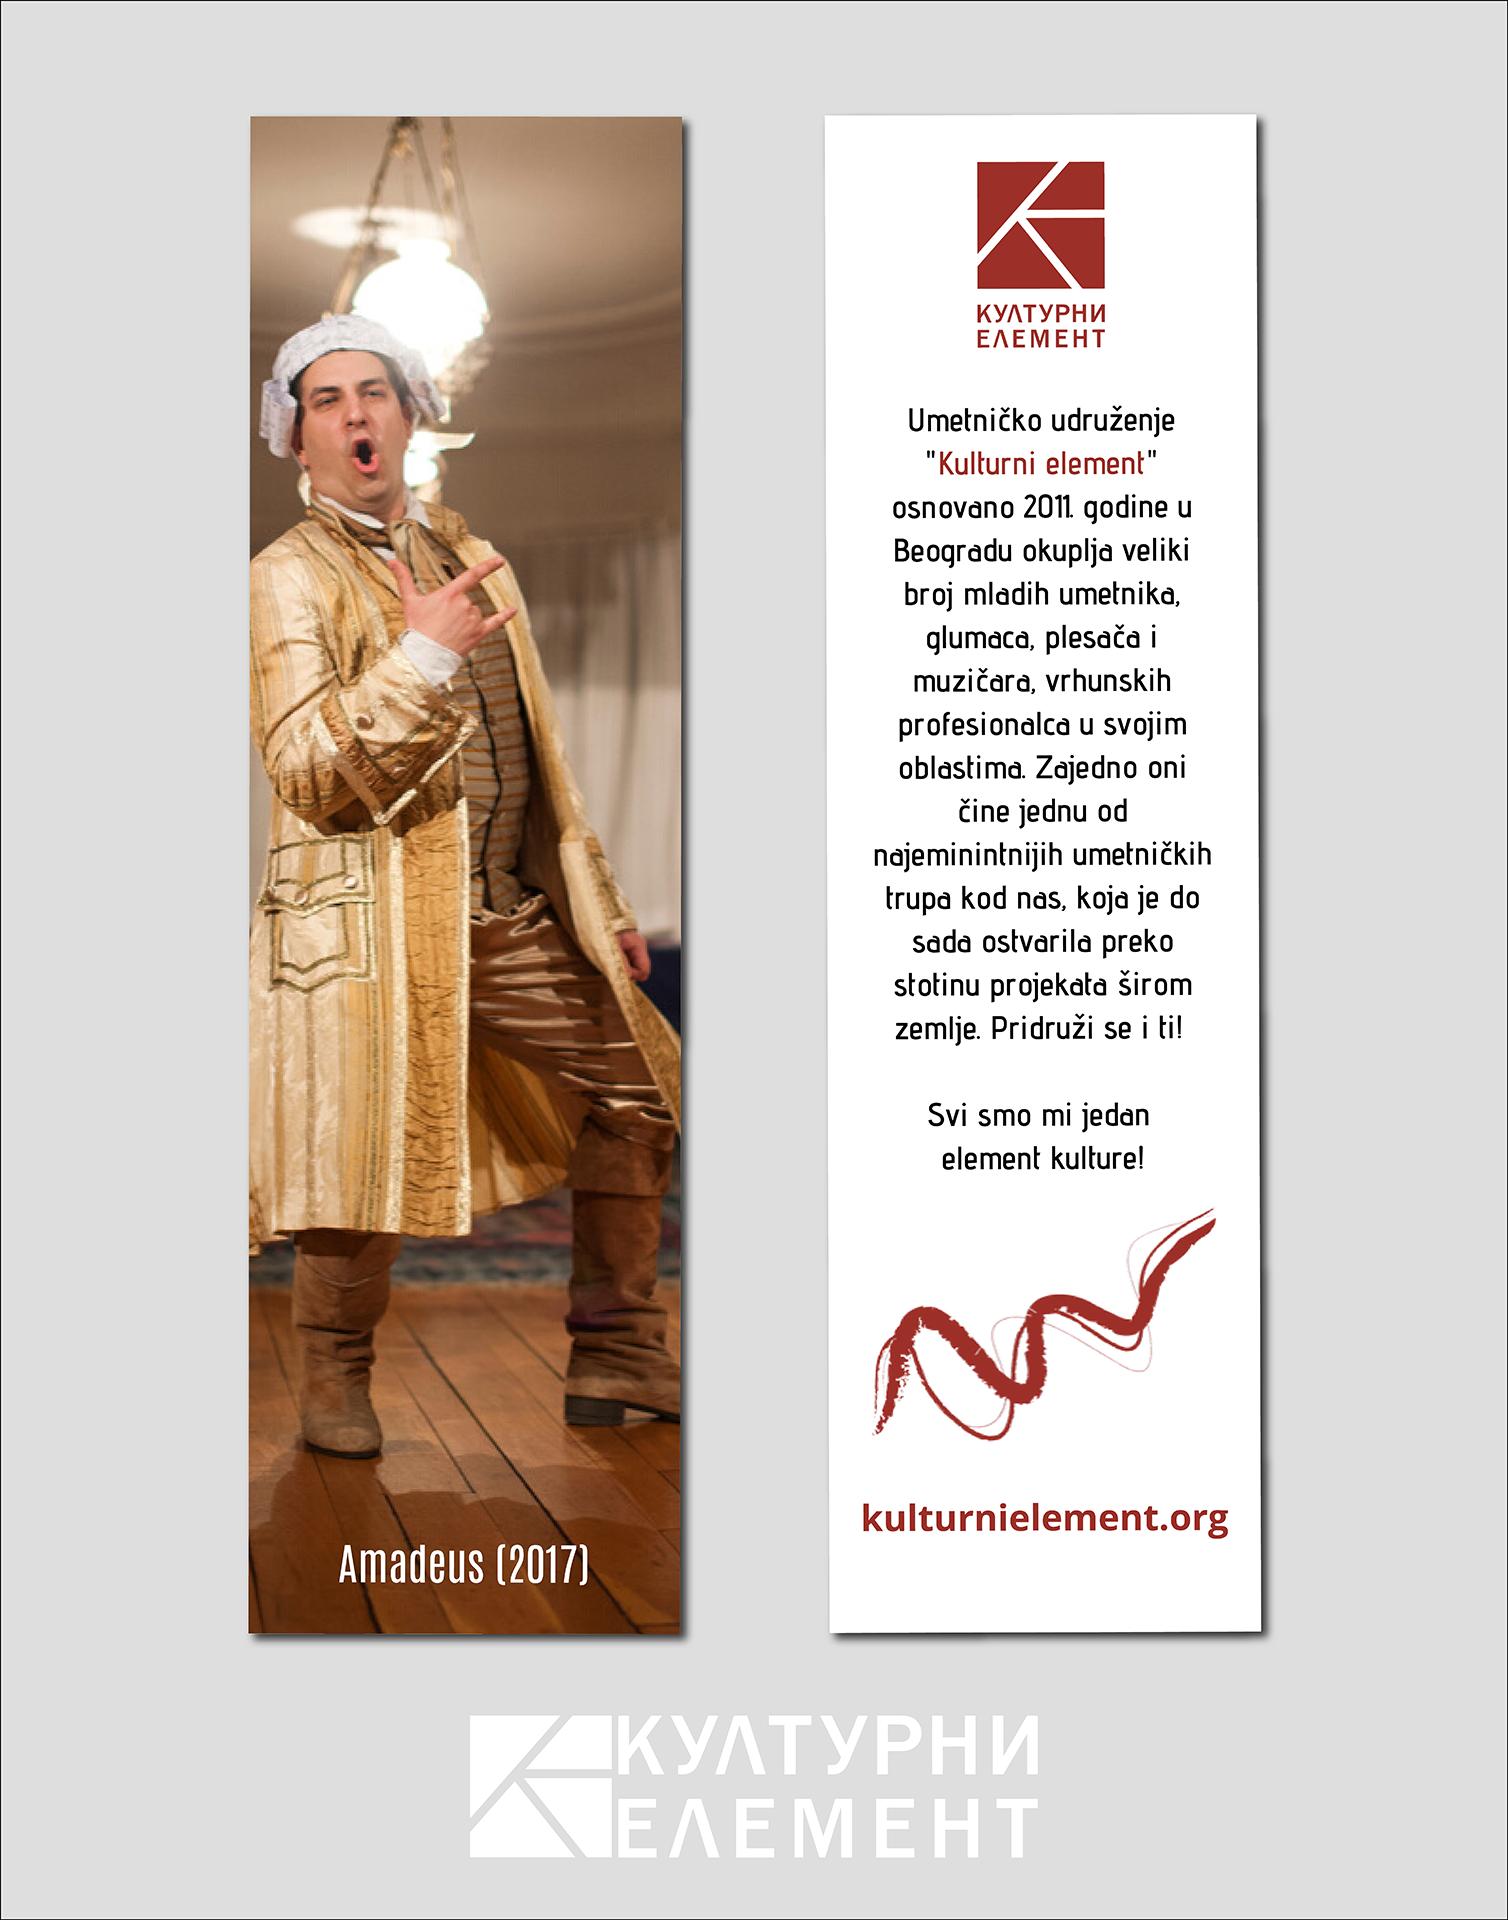 Obeleživač Amadeus